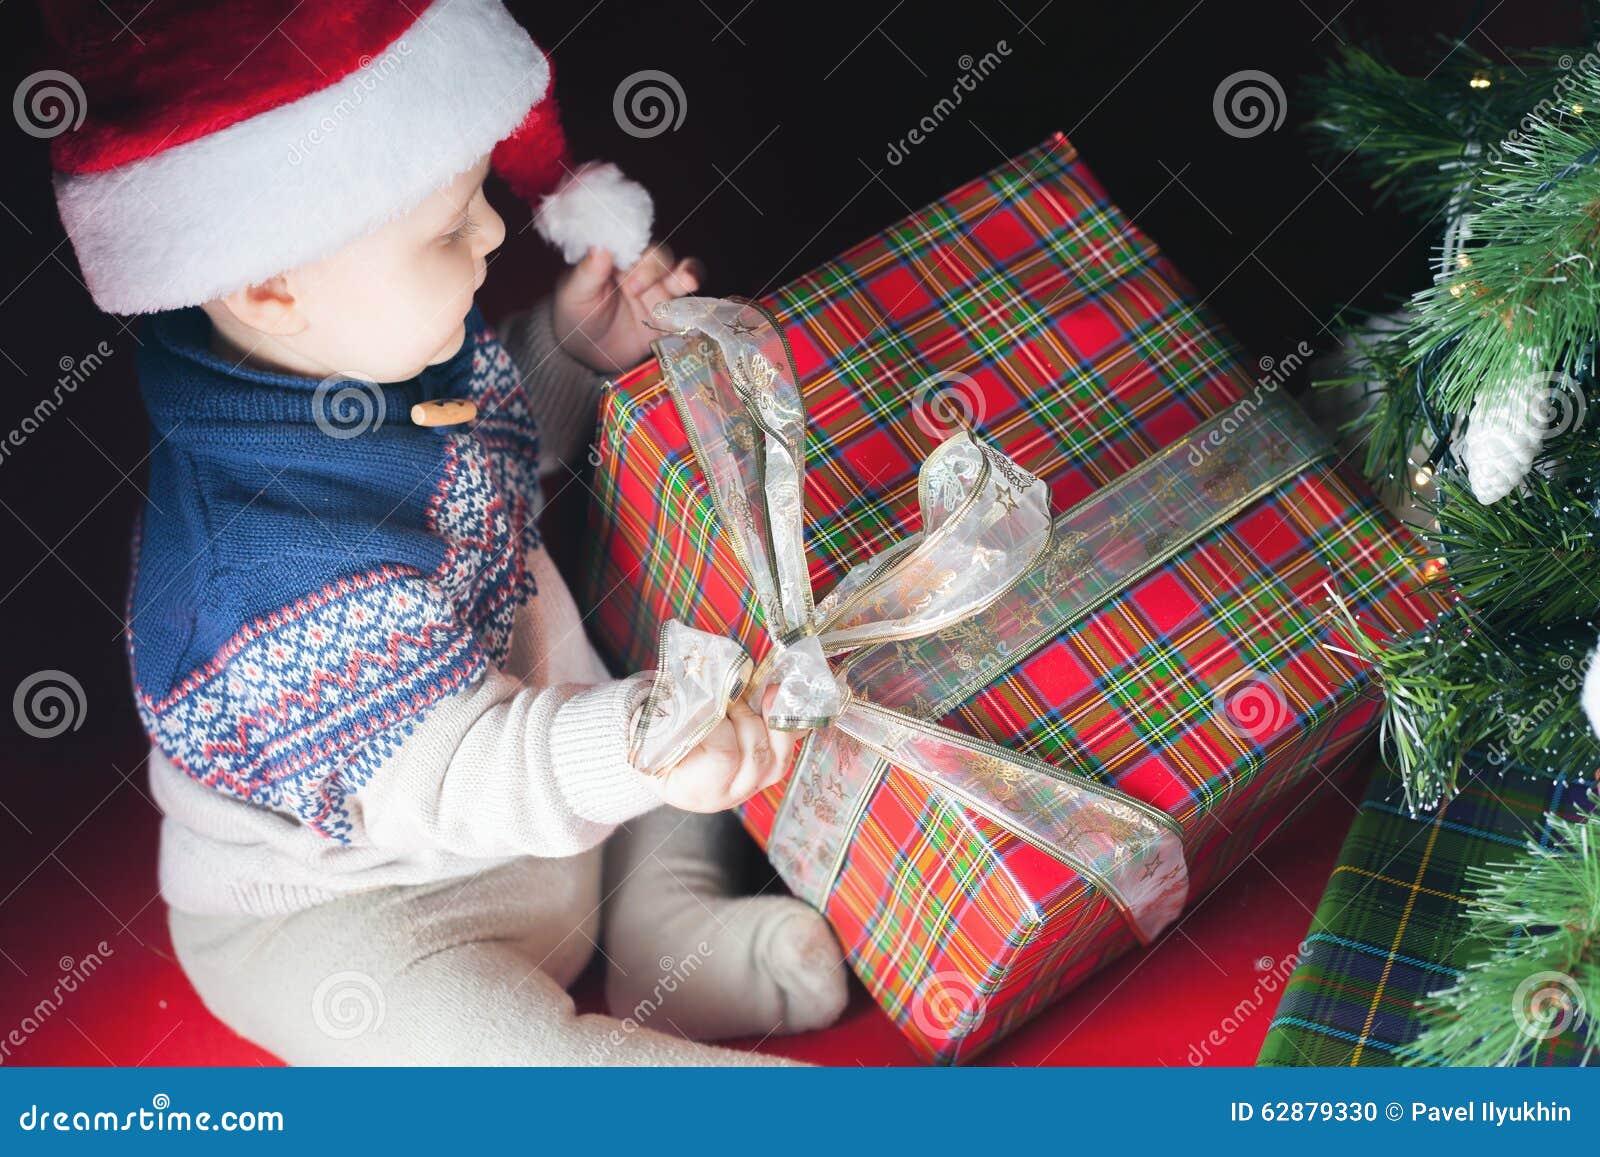 Apertura Regali Di Natale.Festa Di Natale Bambino In Scatola Di Apertura Del Cappello Di Santa Di Regali Fotografia Stock Immagine Di Regalo Decorazione 62879330